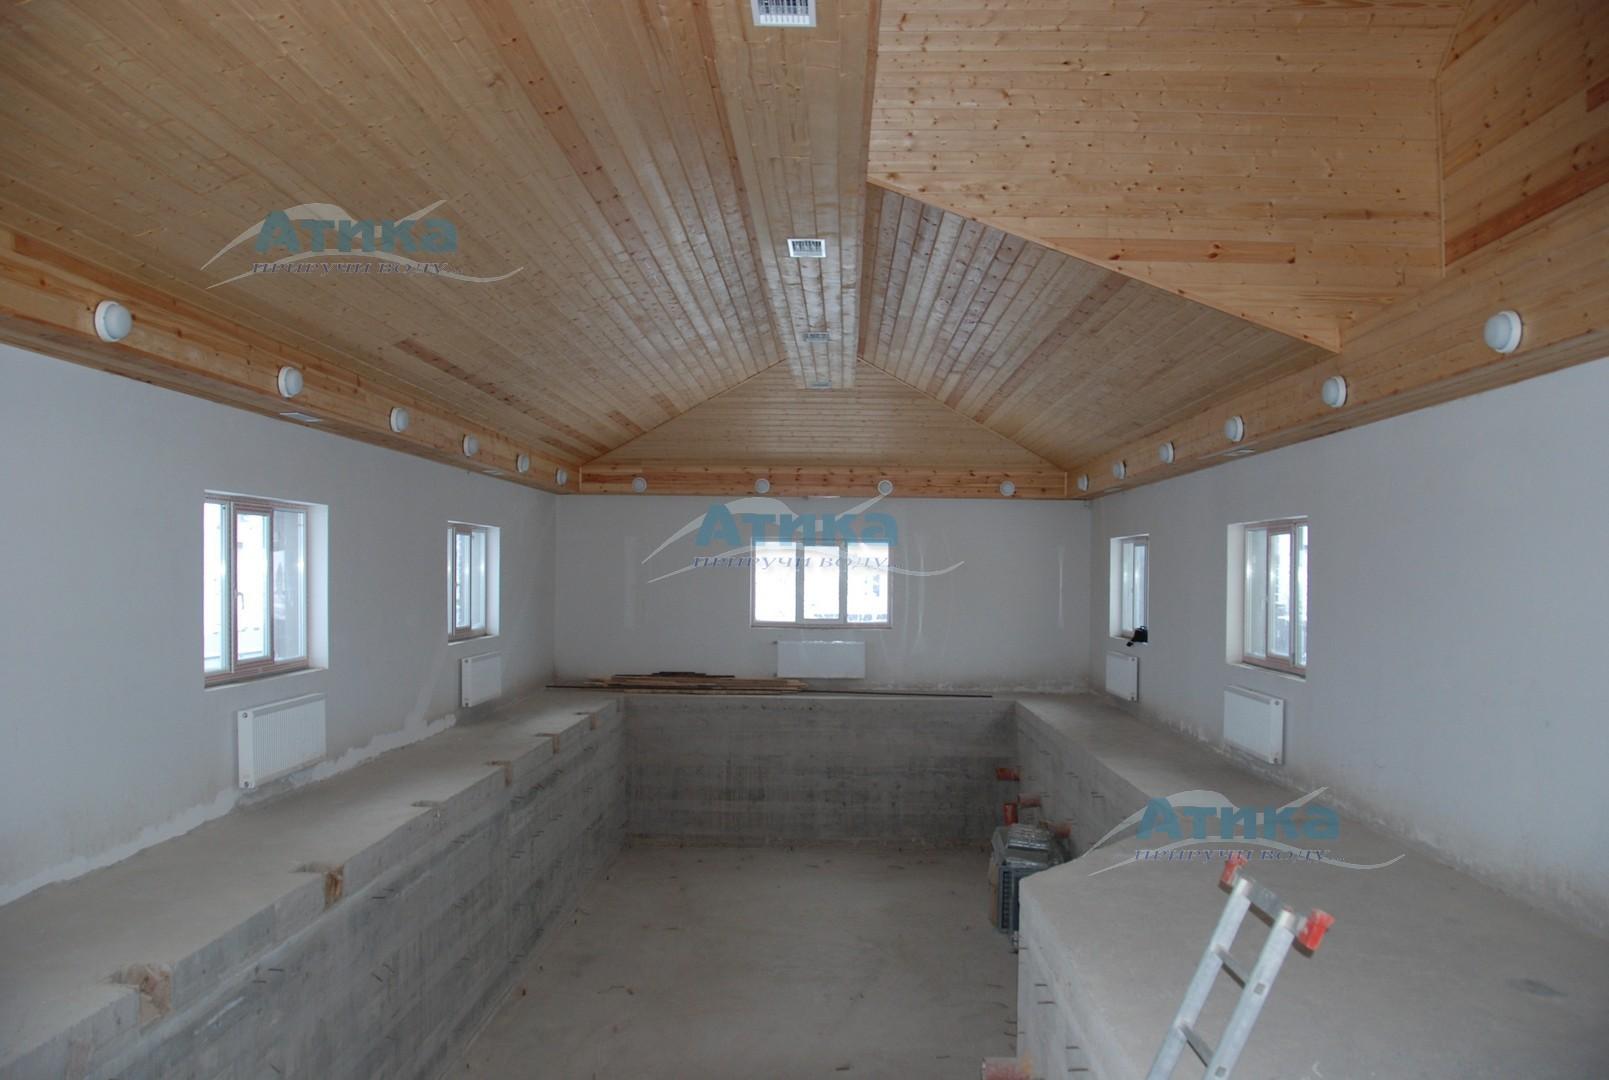 строительство-бассейнов-бетонных-спб-санкт-петербург-питер-атика